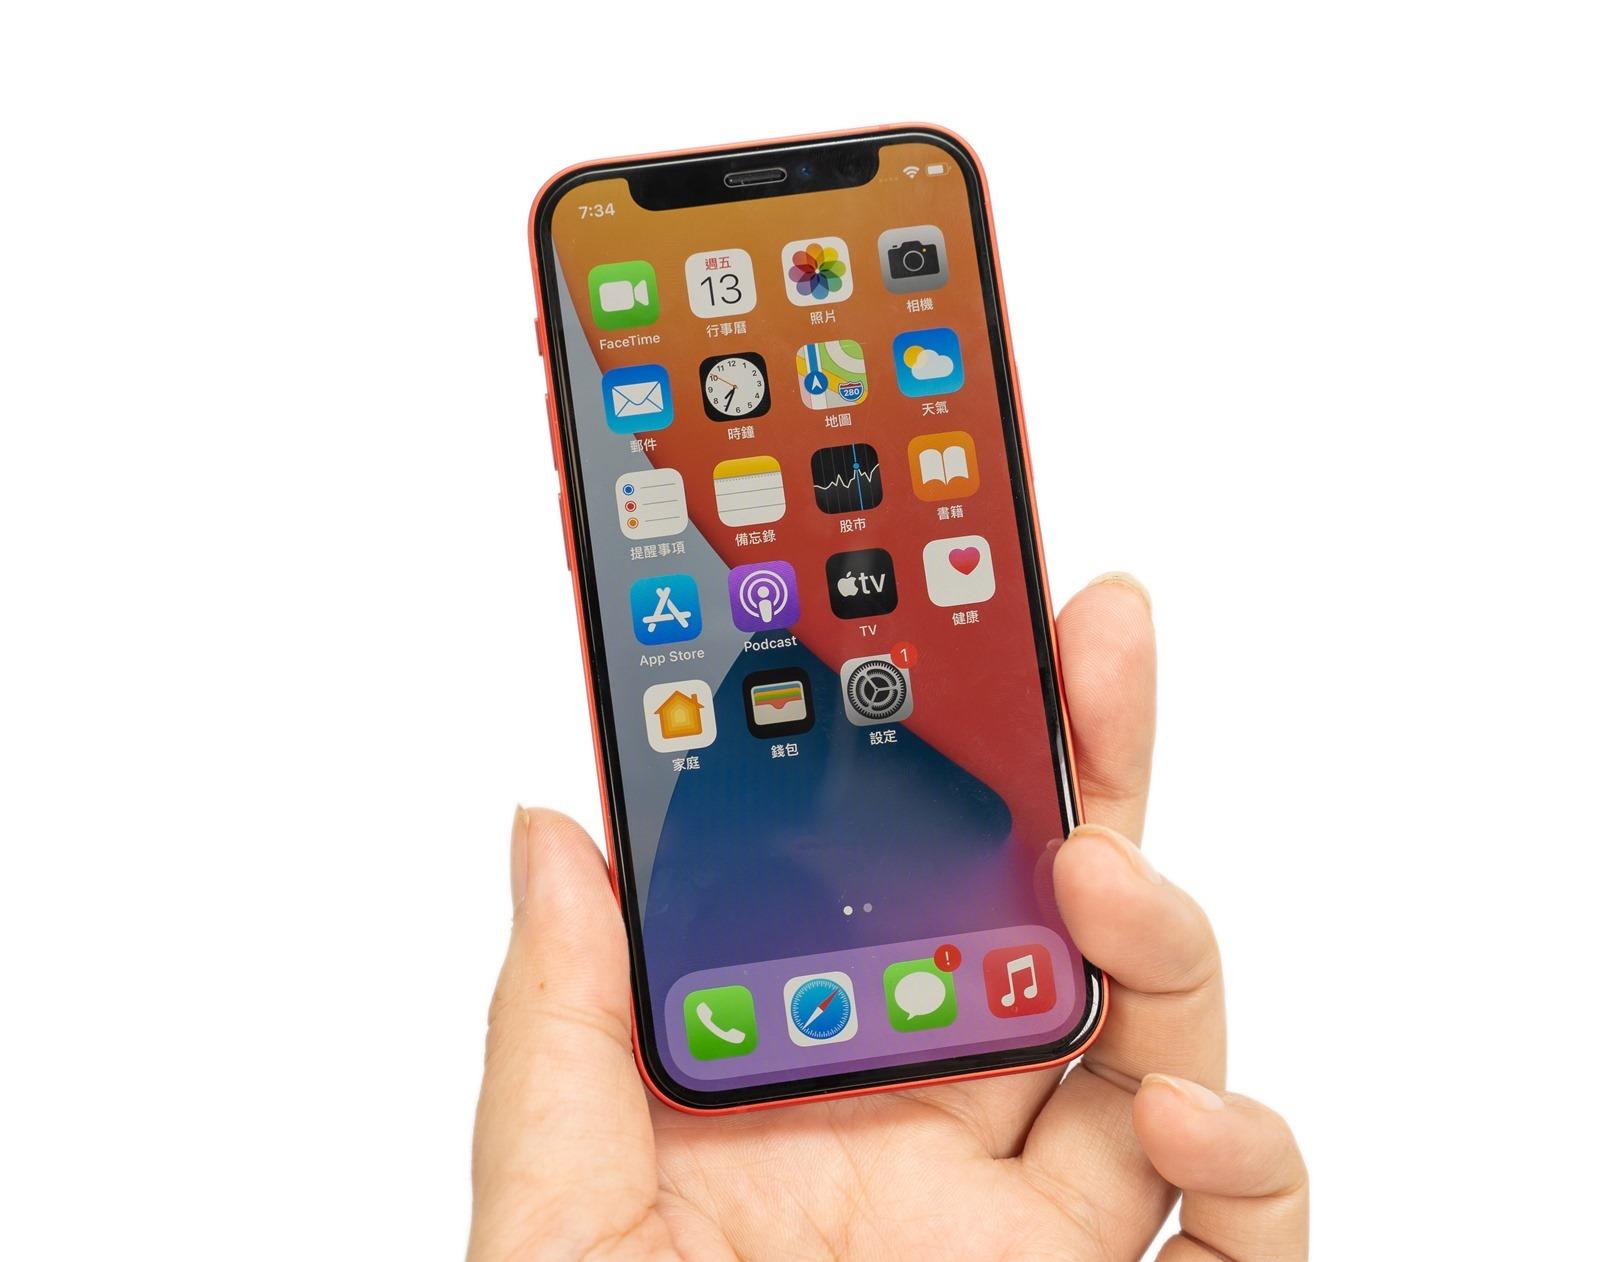 紅色機也來分享!蘋果 iPhone 12 Mini 紅色機 (PRODUCT) RED™ 開箱 + 性能電力/充電實測 @3C 達人廖阿輝